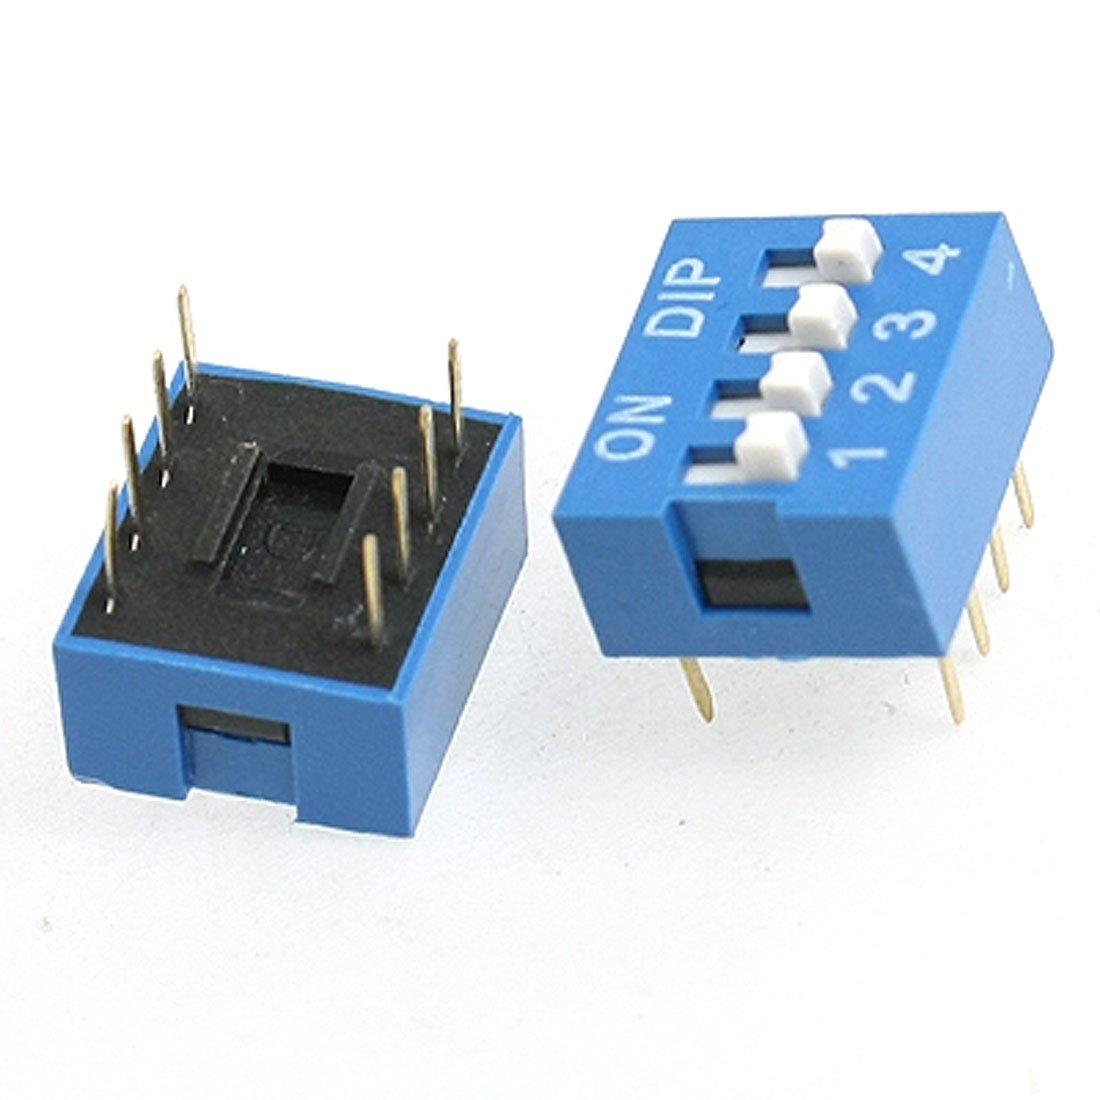 sourcingmap® 10 Stücke 2.54mm Pitch 4 Position DIP Schiebschalter Schalter schwarz de